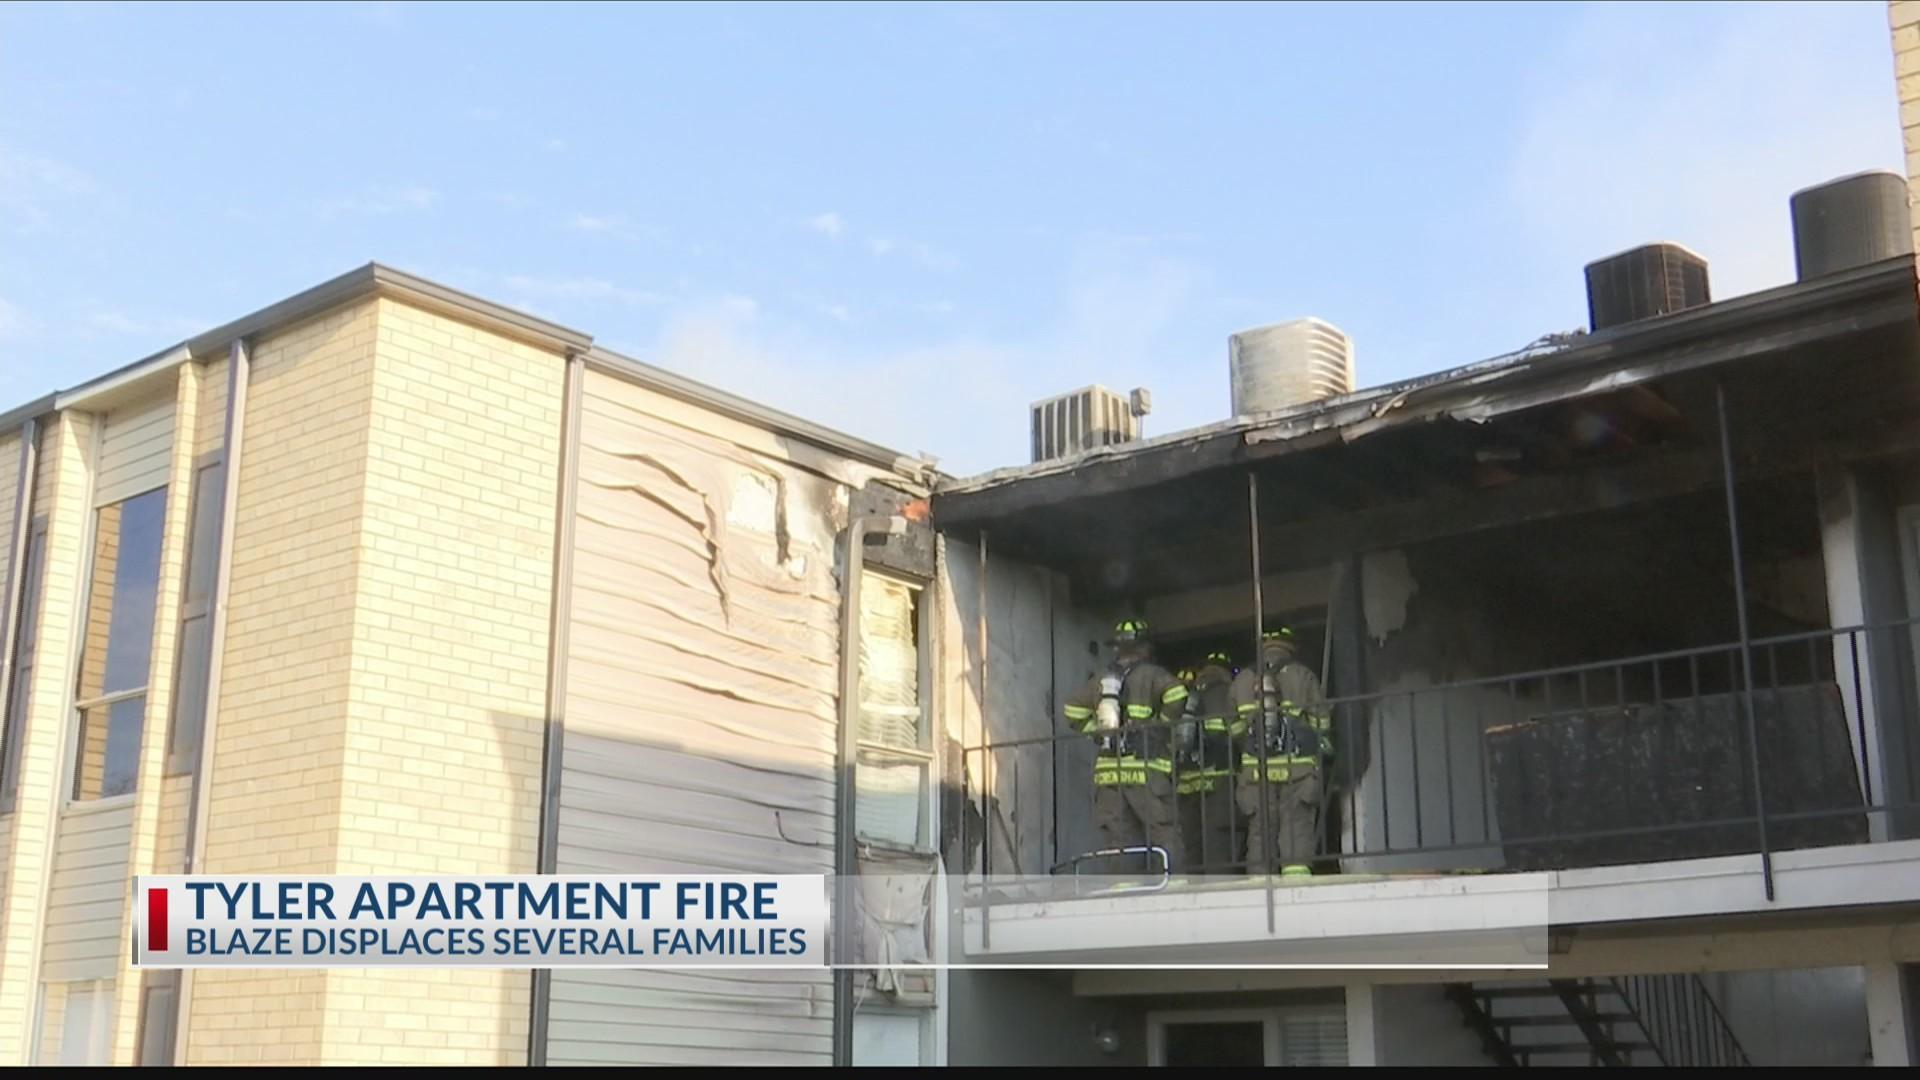 Tyler Apartment fire